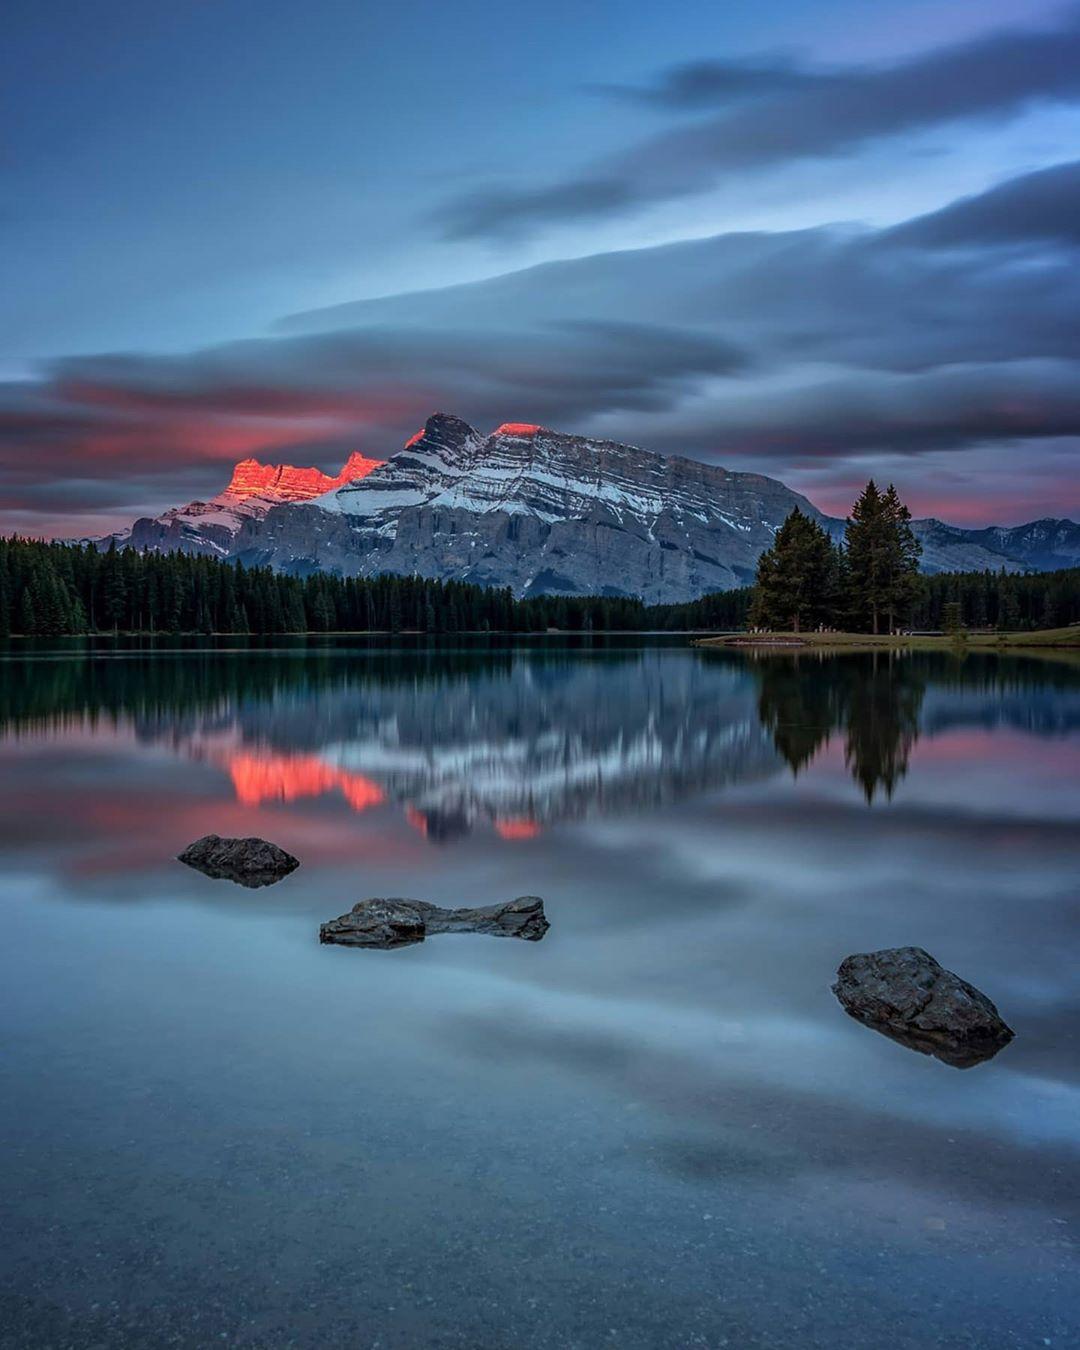 Природа и путешествия на снимках Марка Джинкса